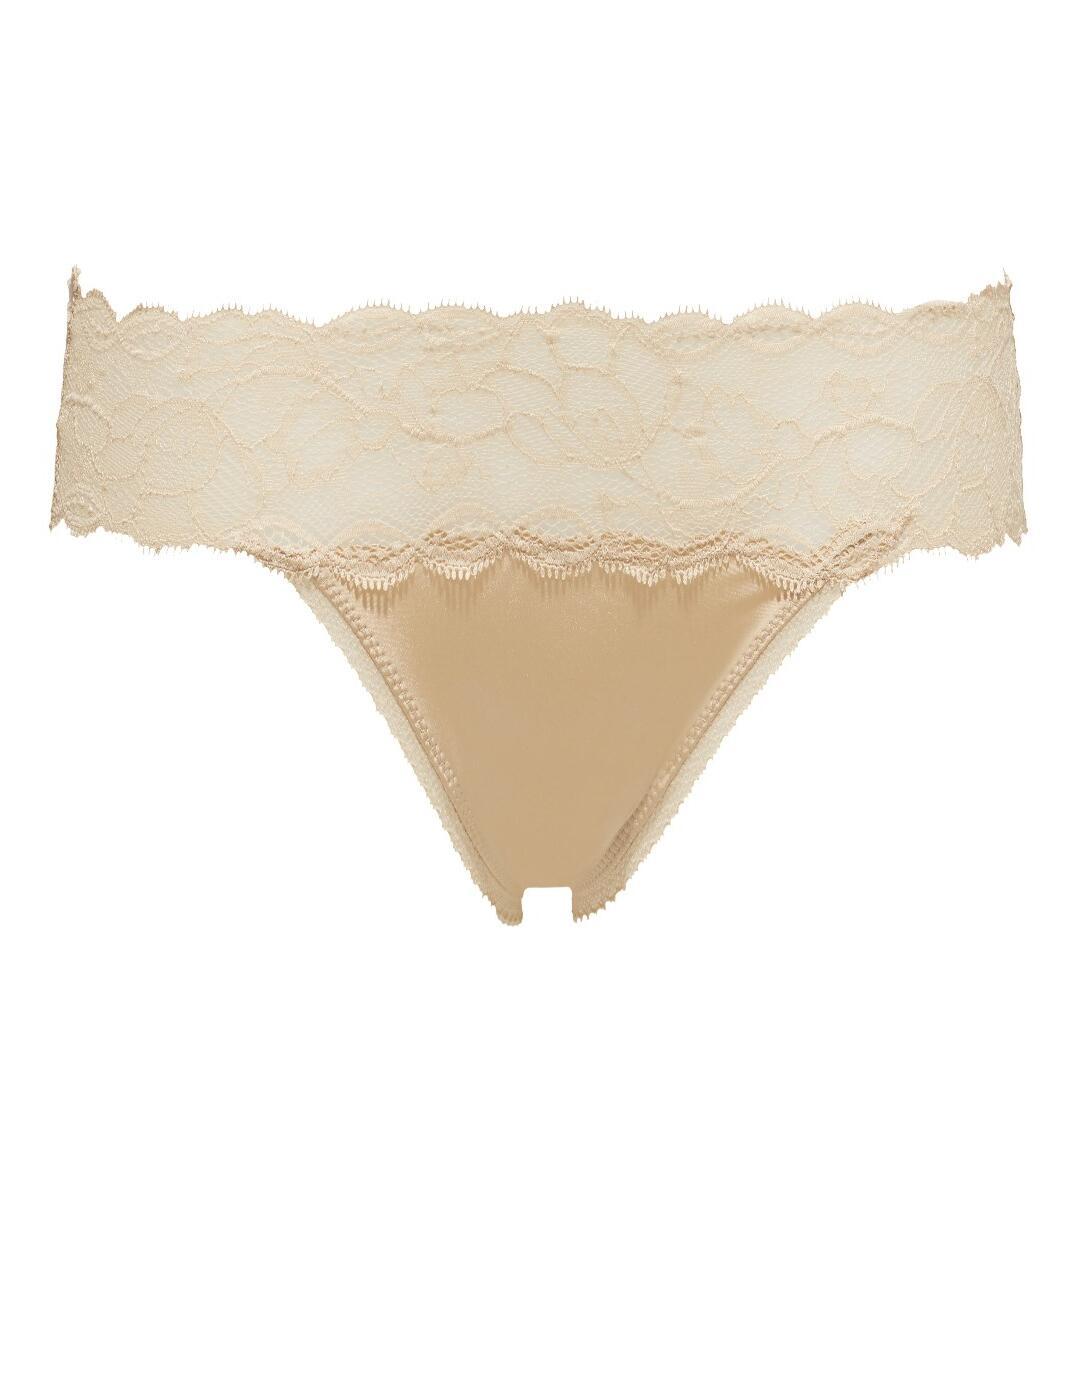 QF1199E Calvin Klein Seductive Comfort Lace Thong Brief - QF1199E Bare